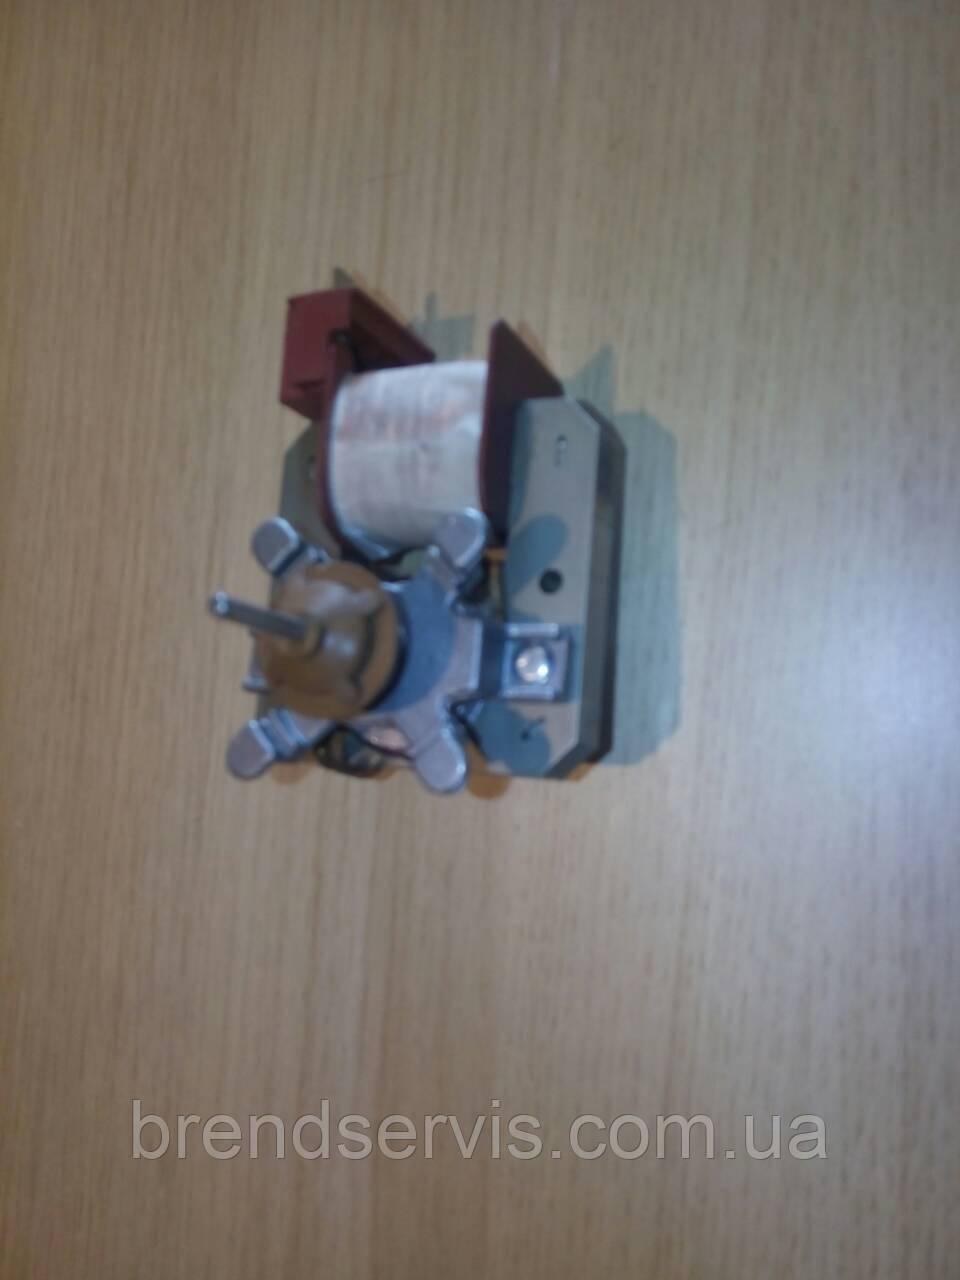 Мотор для плиты, 32324B11